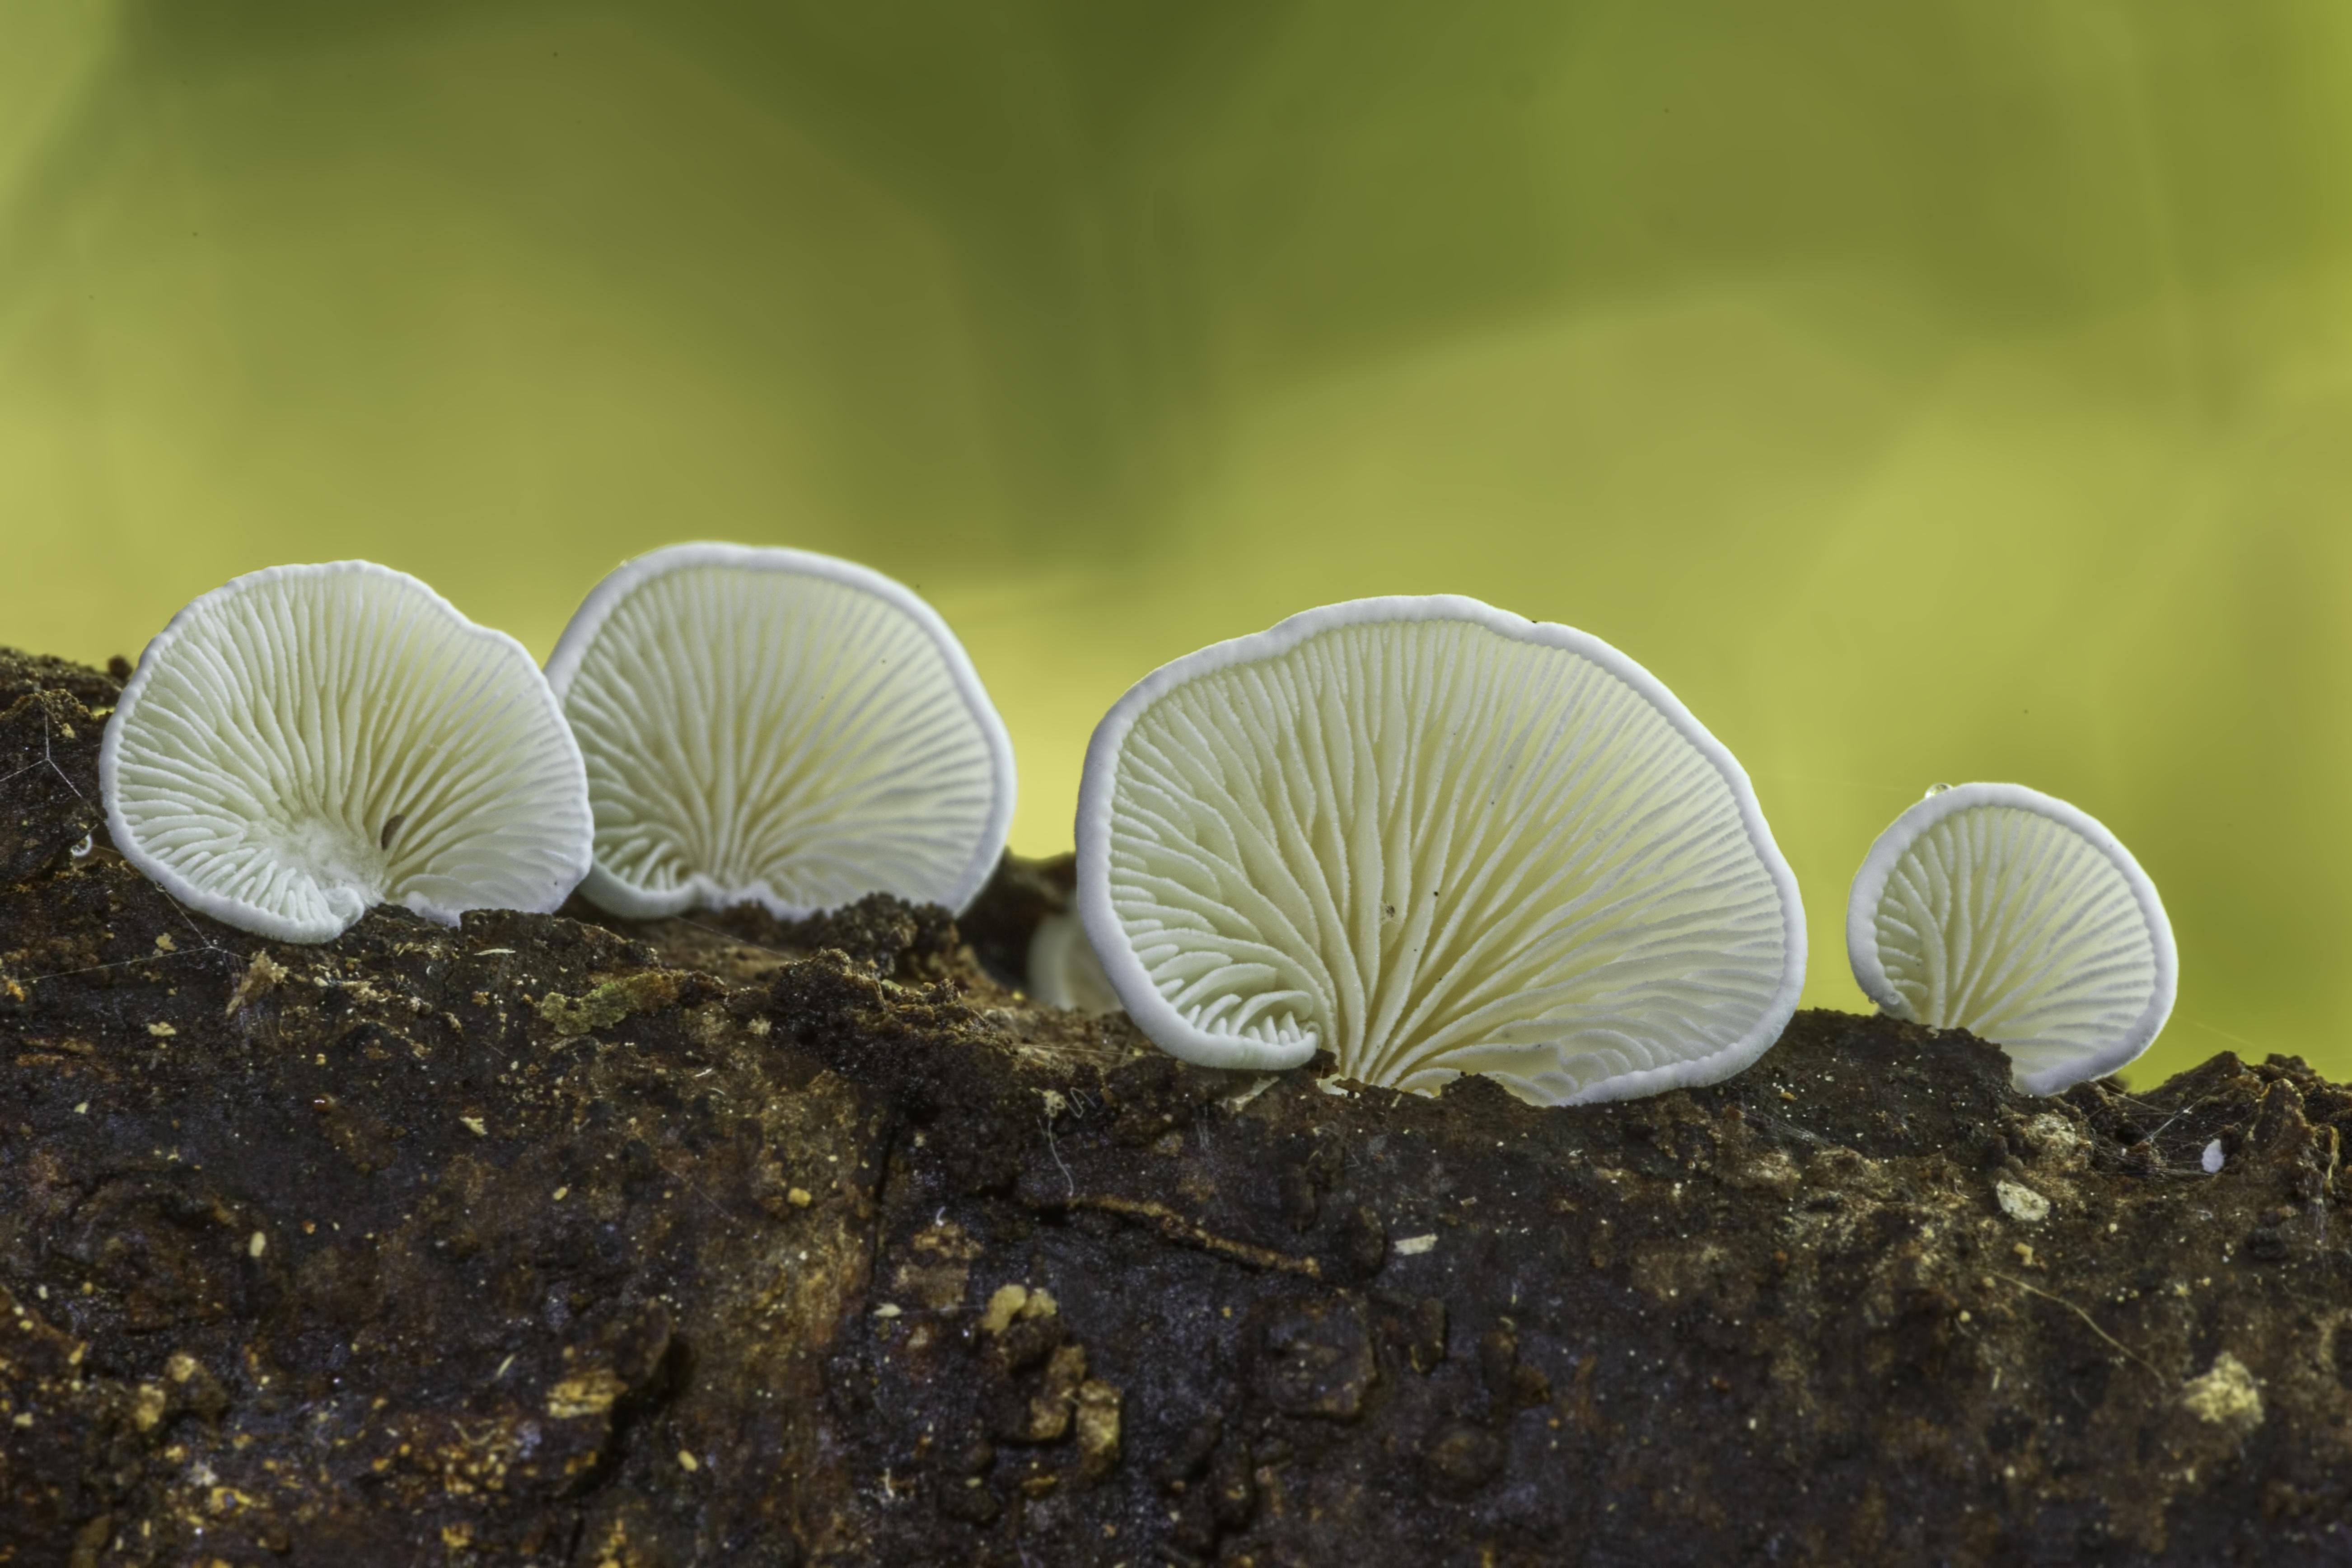 Crepidotus sp.